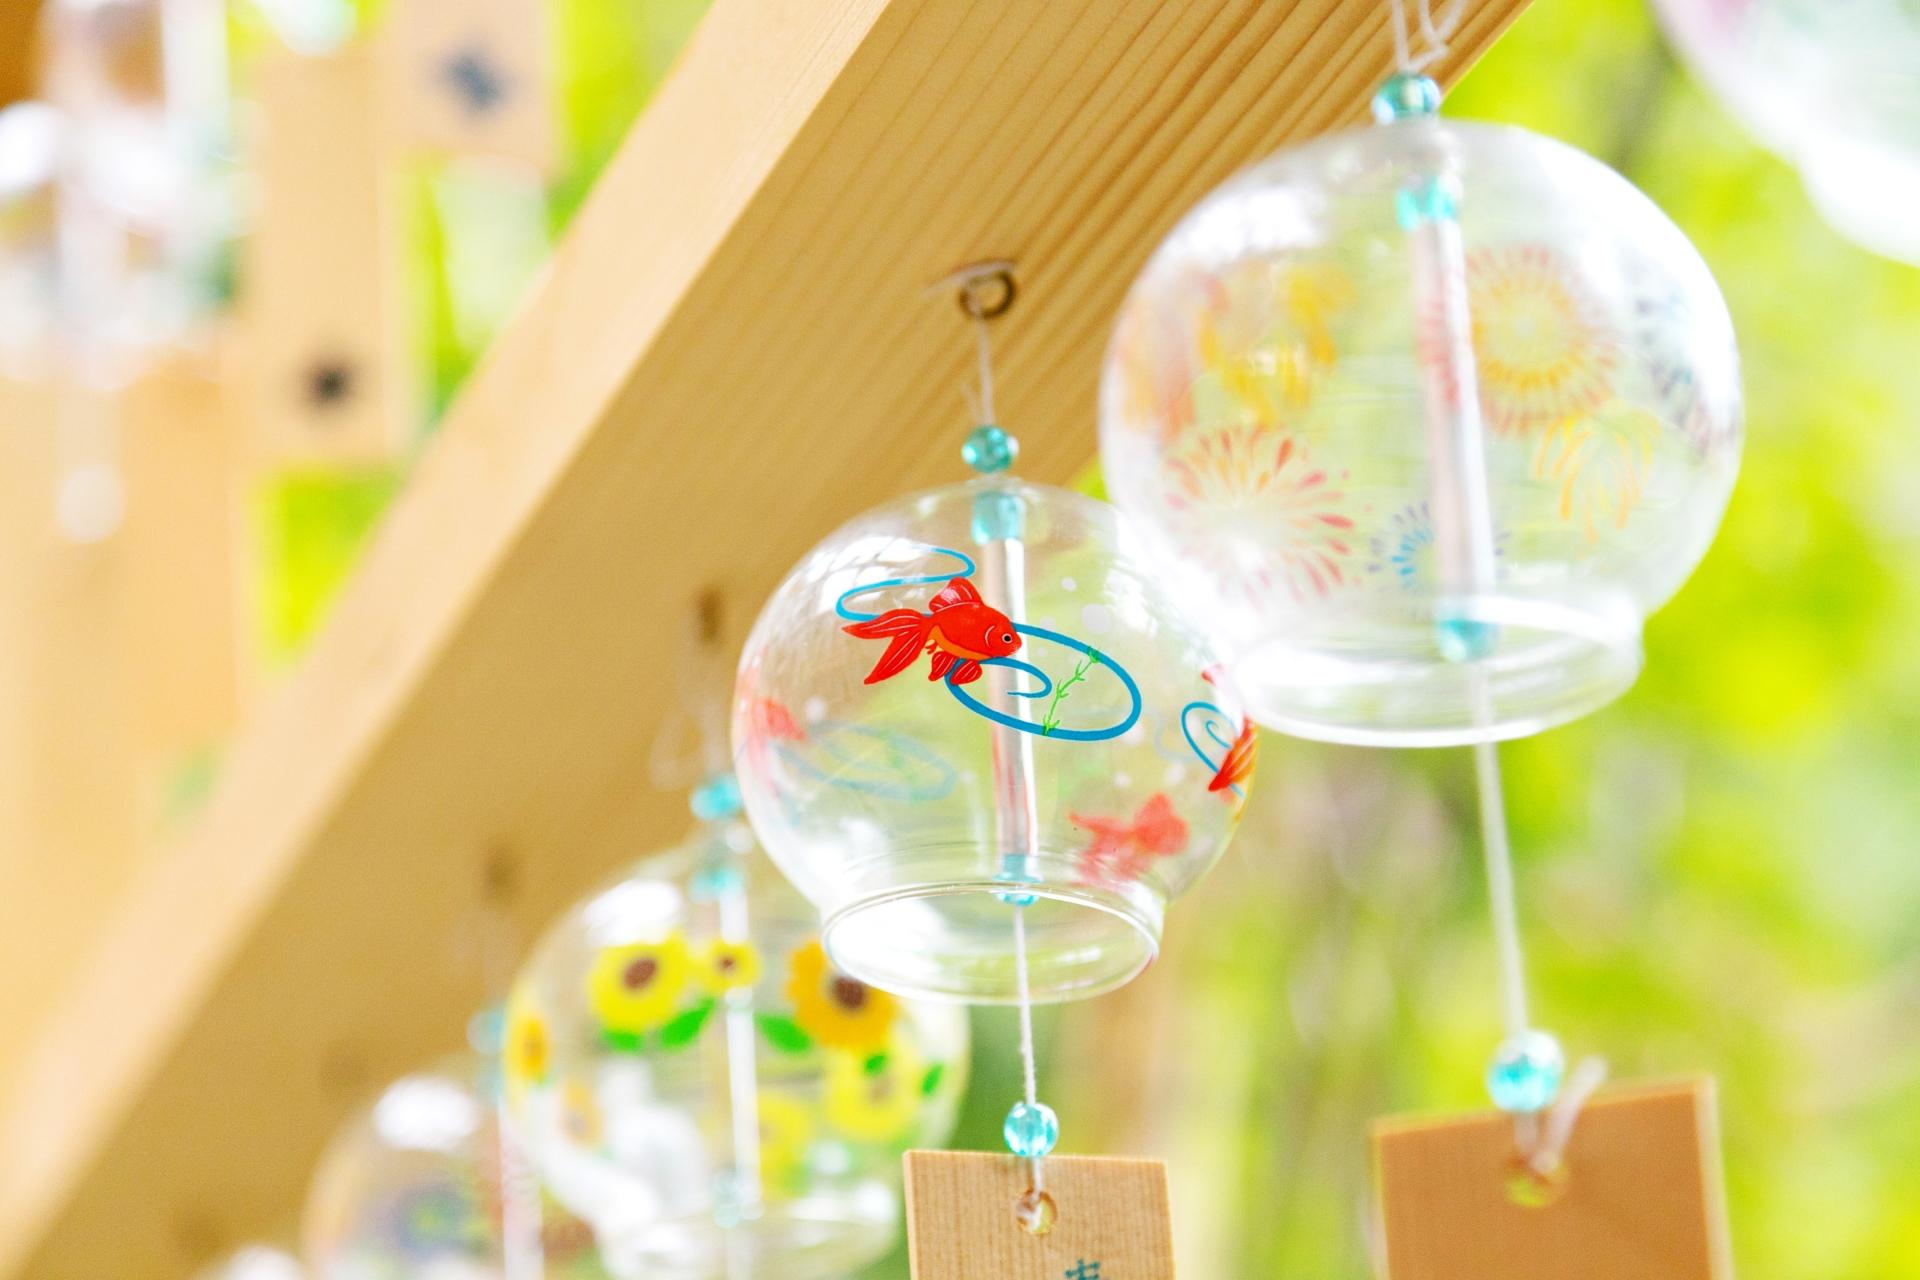 風鈴のおすすめ8選!ガラスや金属の涼やかな音で夏にぴったり